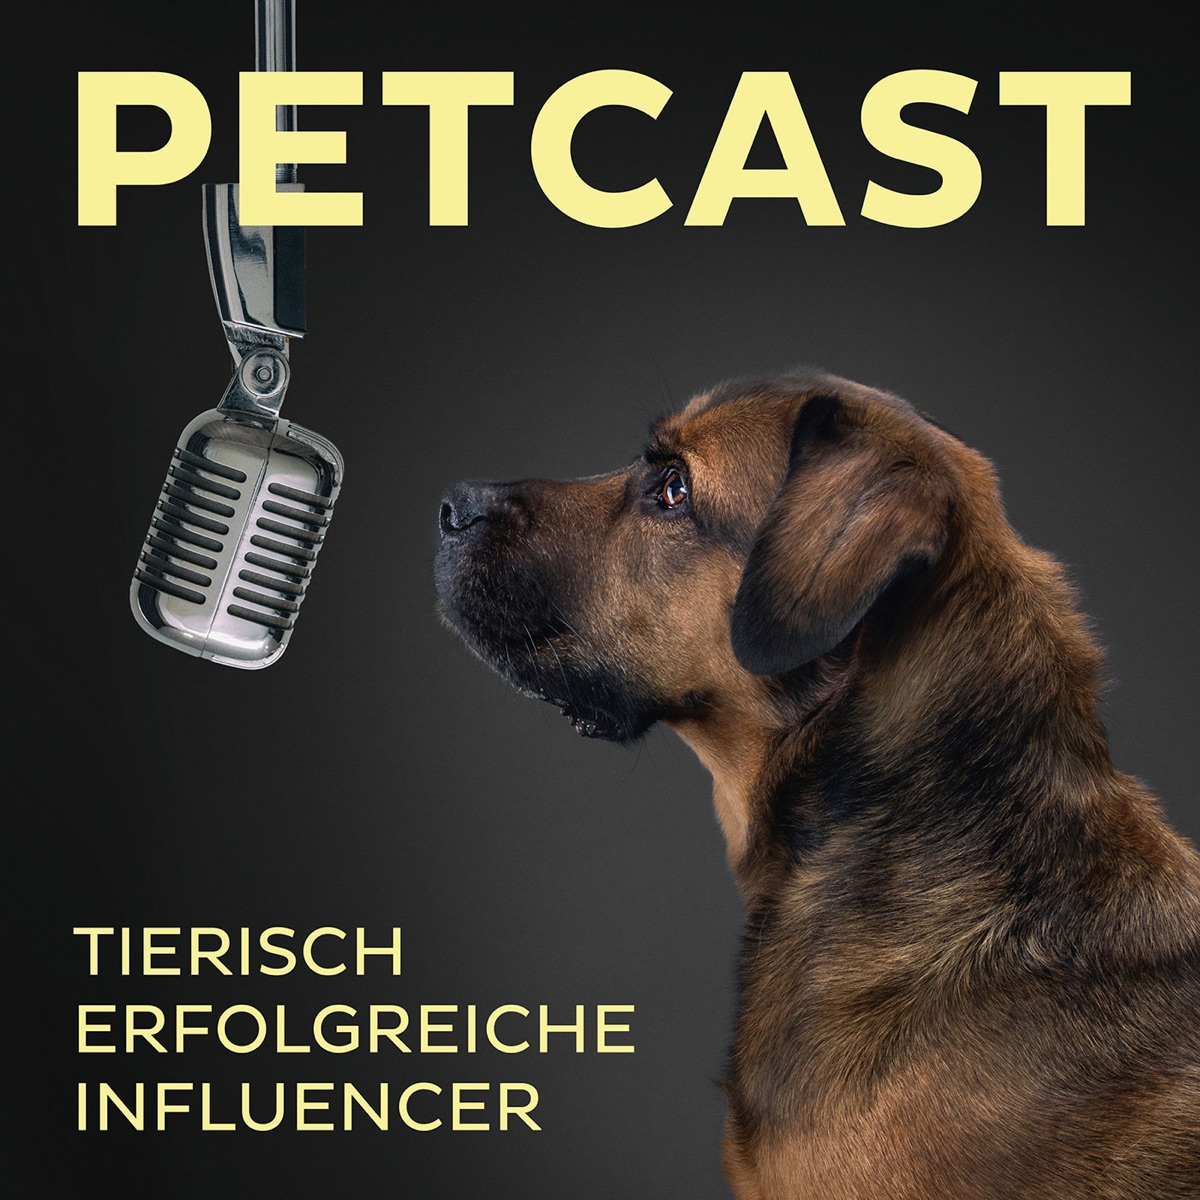 PETCAST – tierisch erfolgreiche Influencer